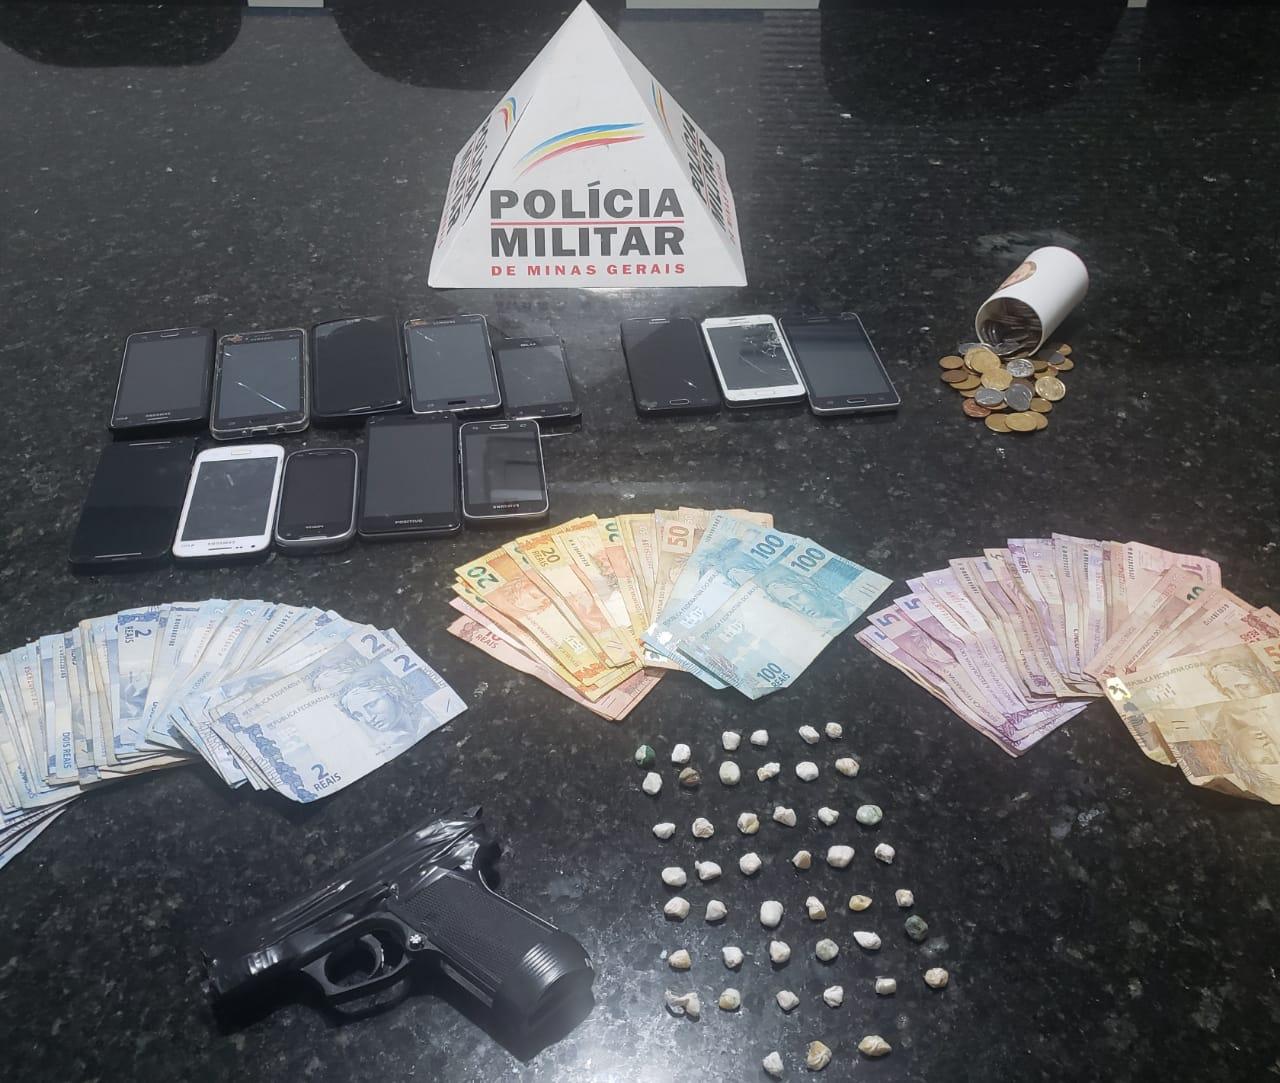 Droga, dinheiro, celulares e uma réplica de arma de fogo foram apreendidas (Foto: PMMG/Divulgação)